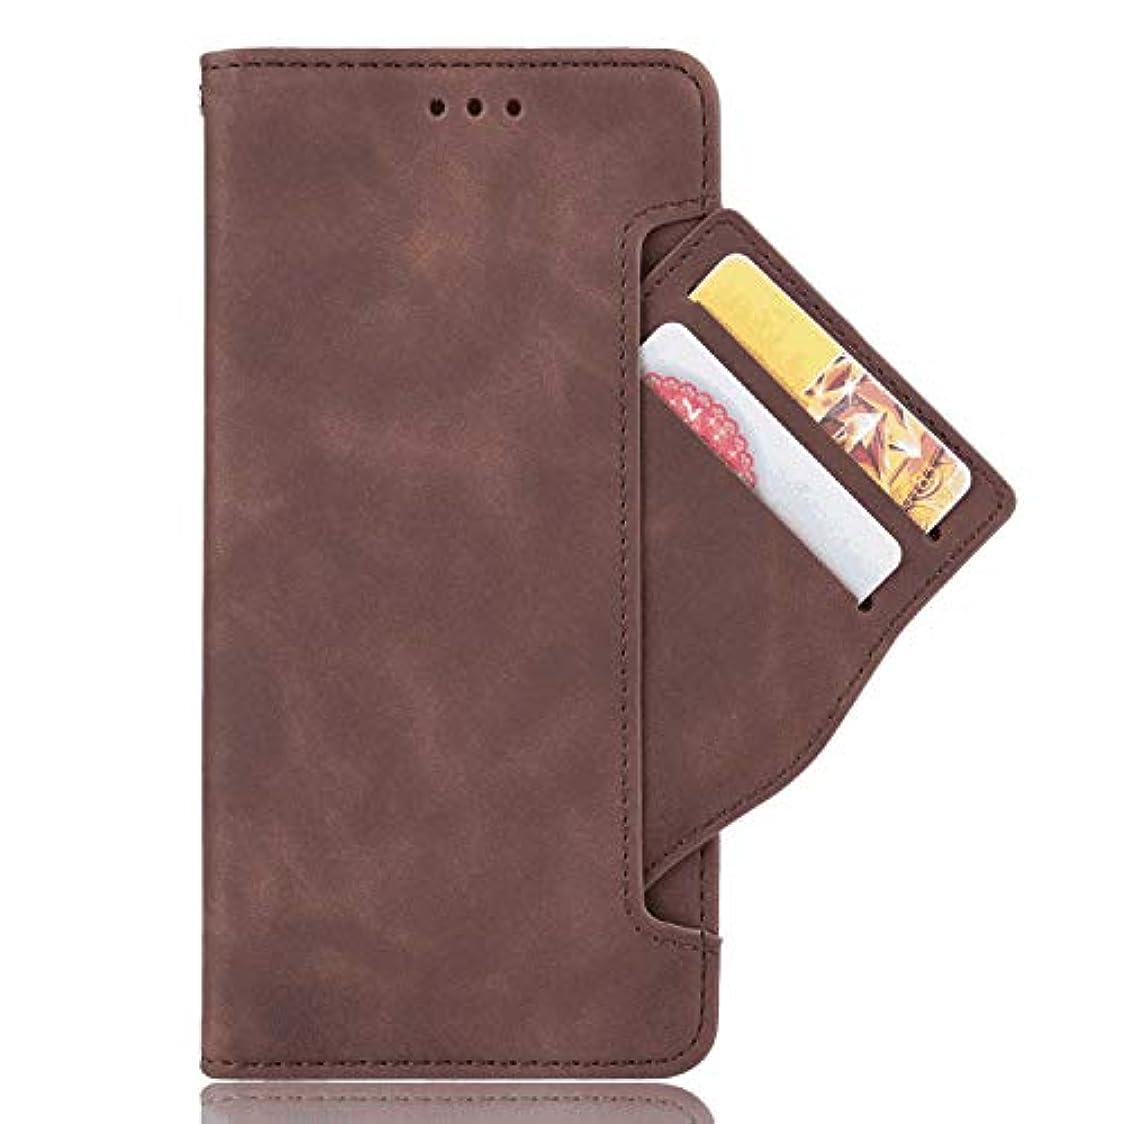 称賛引き付けるポーンiPhone 7 Plus プラス PUレザー ケース, 手帳型 ケース 本革 カバー収納 携帯カバー 耐摩擦 ビジネス 財布 手帳型ケース iPhone アイフォン 7 Plus プラス レザーケース